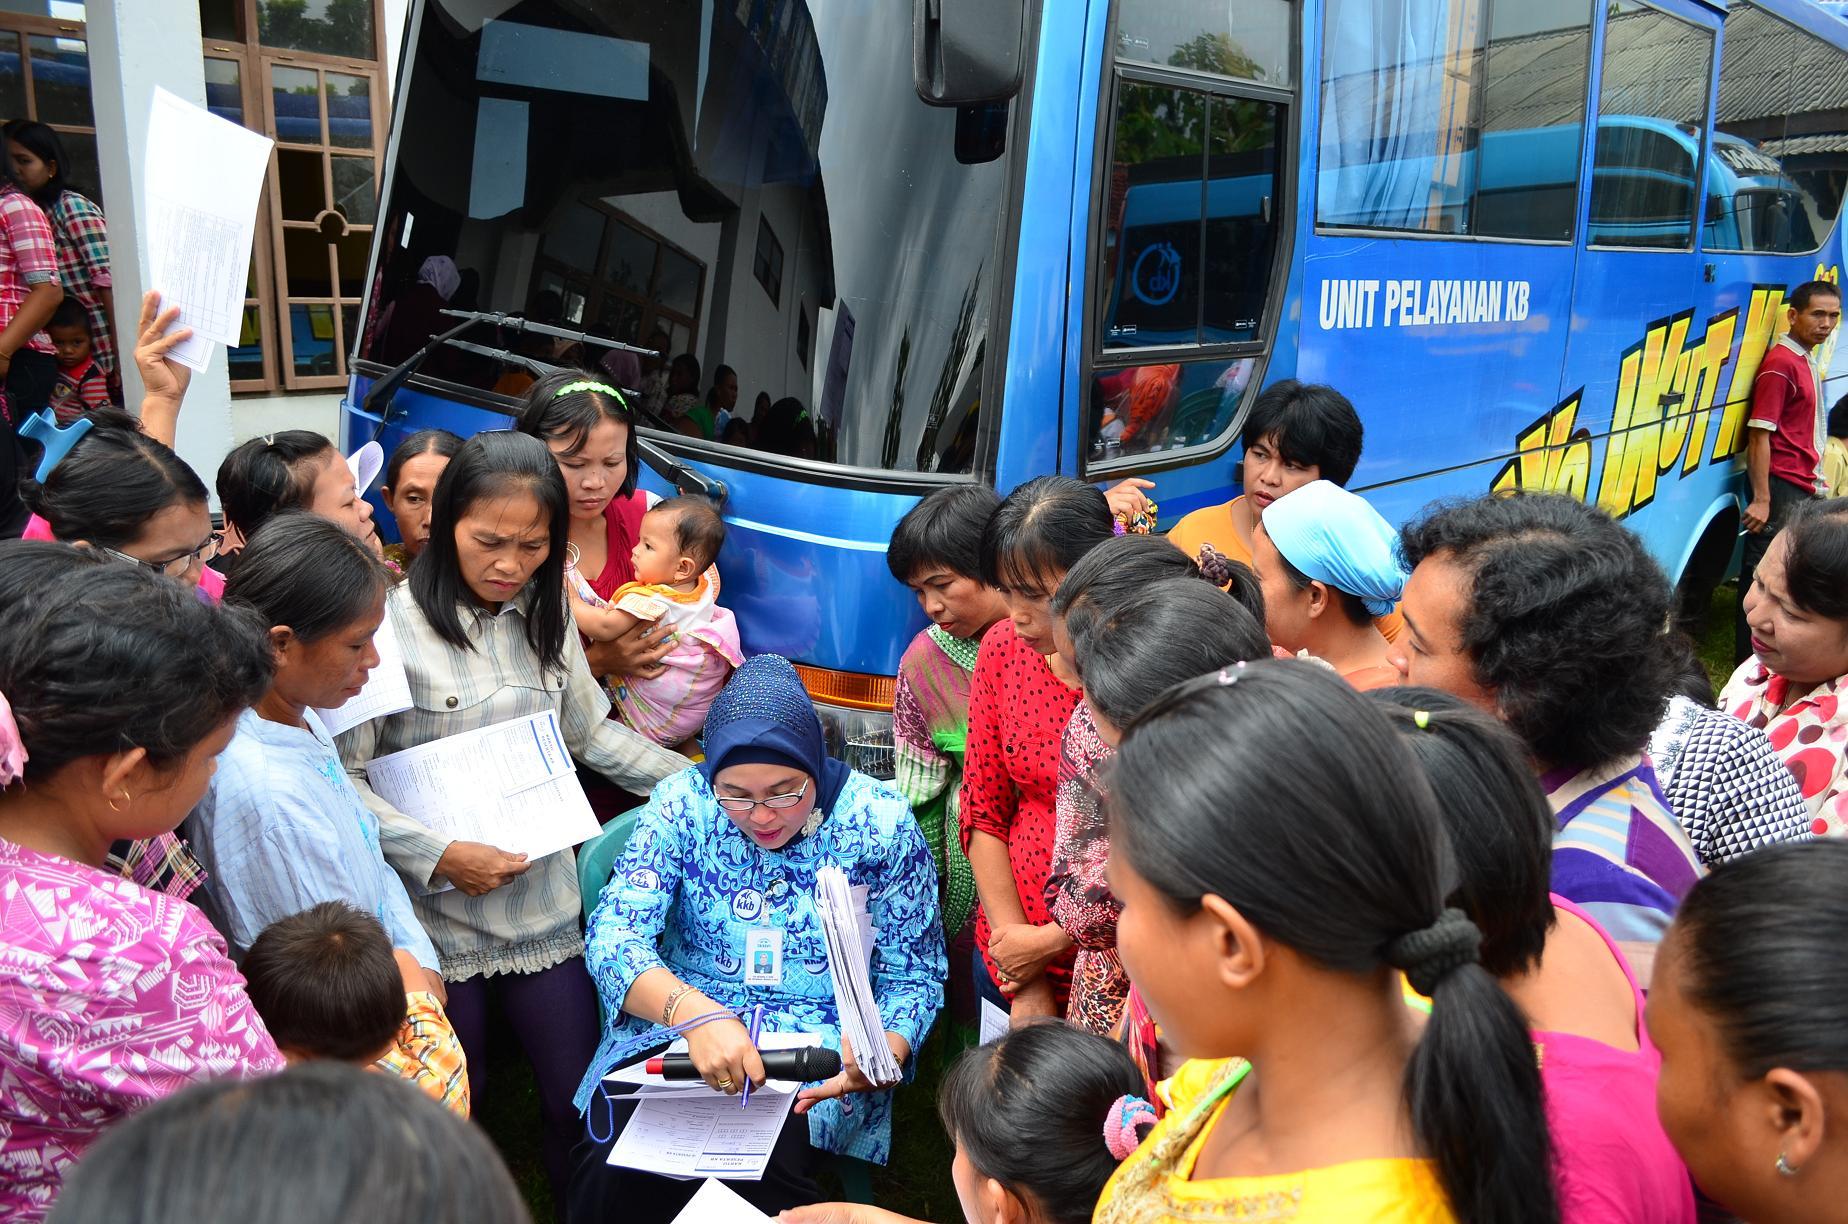 Ingin Ikut kb<BR>MOW (Metode Operasi Wanita)  atau MOP (Metode Operasi Pria) Gratis Hubungi Petugas kami dilapangan Masing-masing Kecamatan anda Tinggal di Kabupaten Bojonegoro